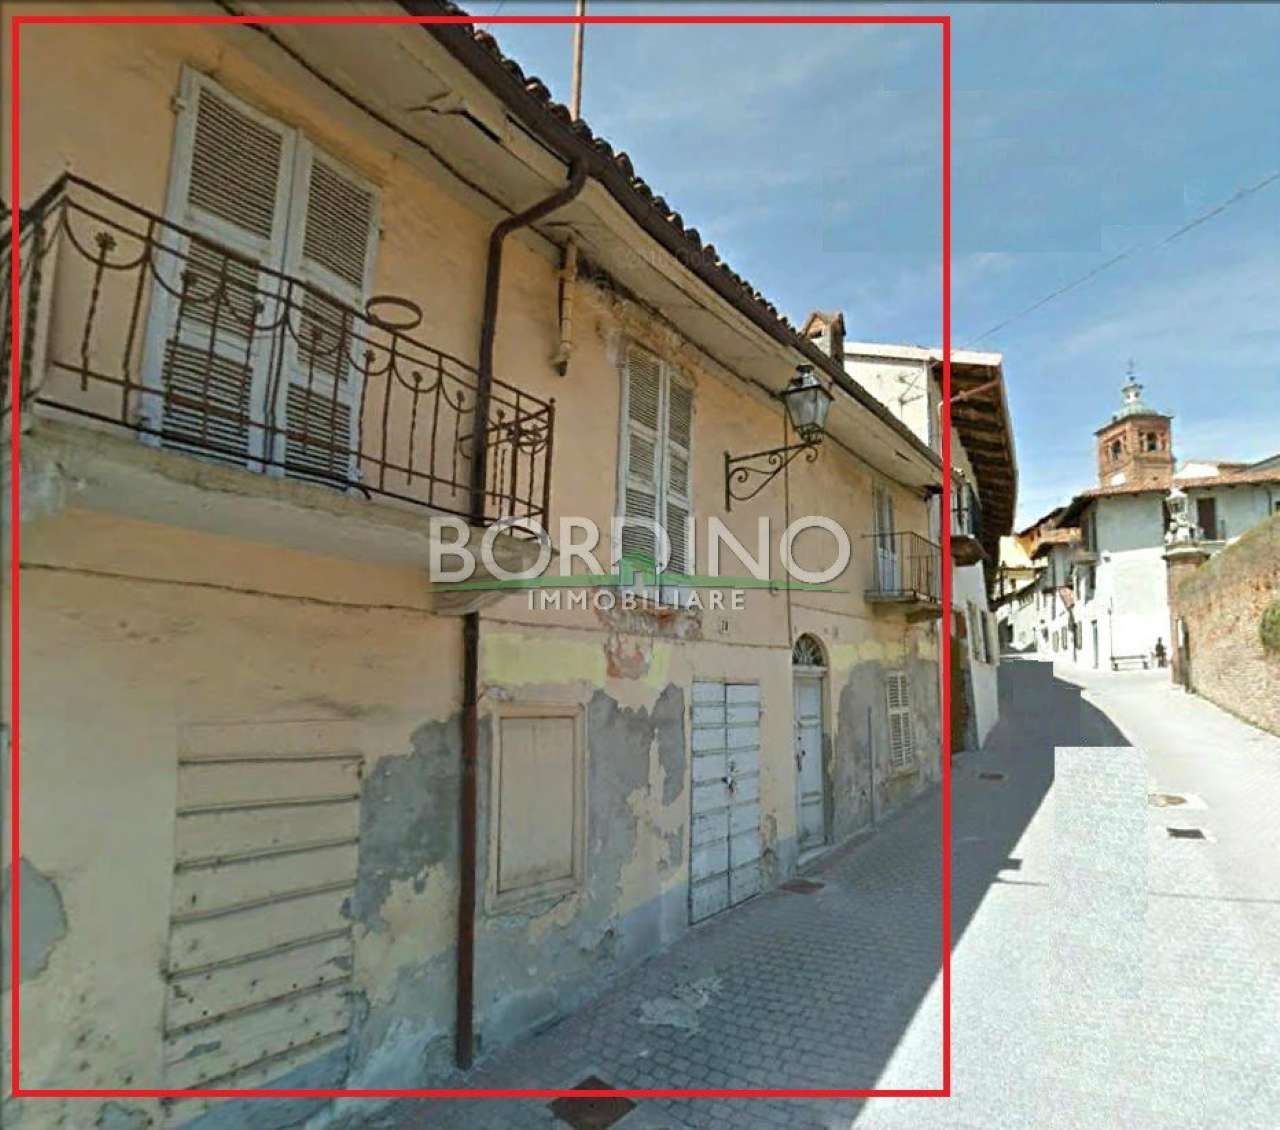 Rustico / Casale in vendita a Sommariva Perno, 10 locali, prezzo € 75.000 | CambioCasa.it